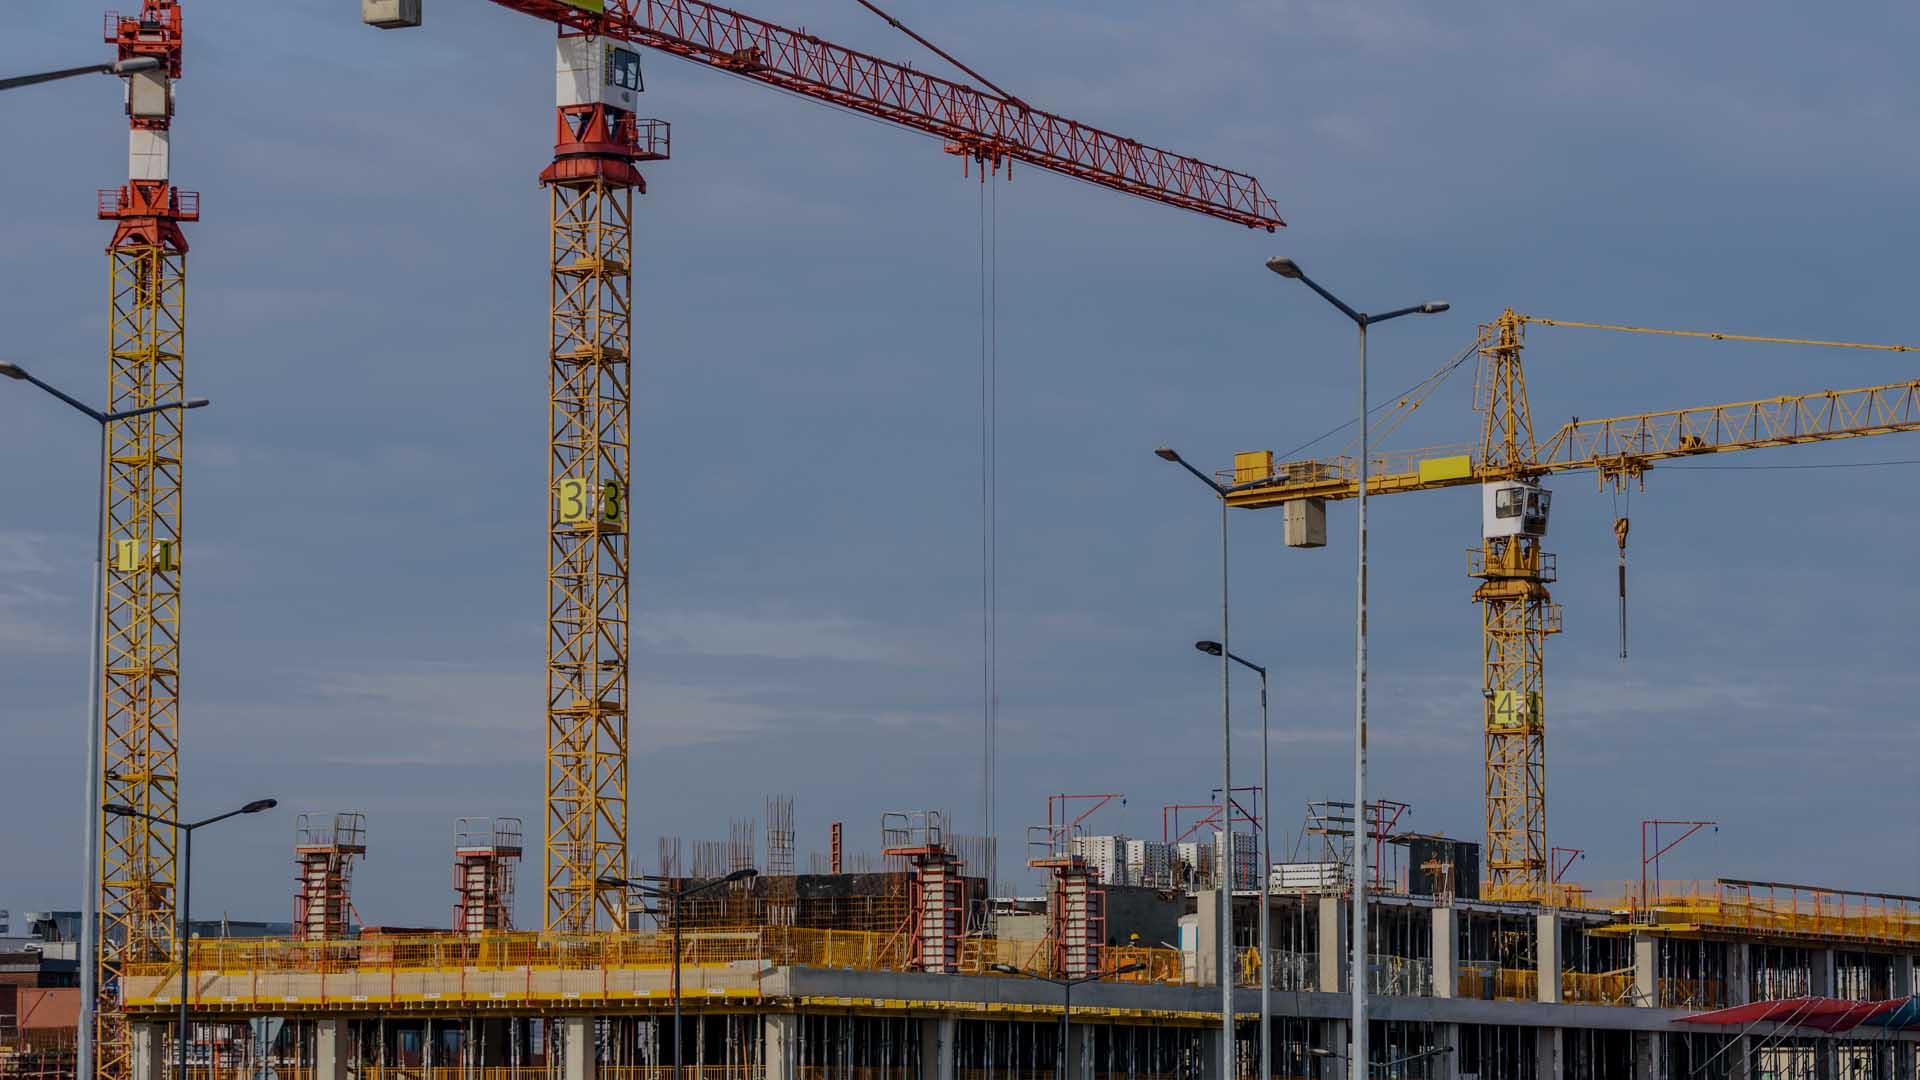 Constructora madrid INOBIAL2